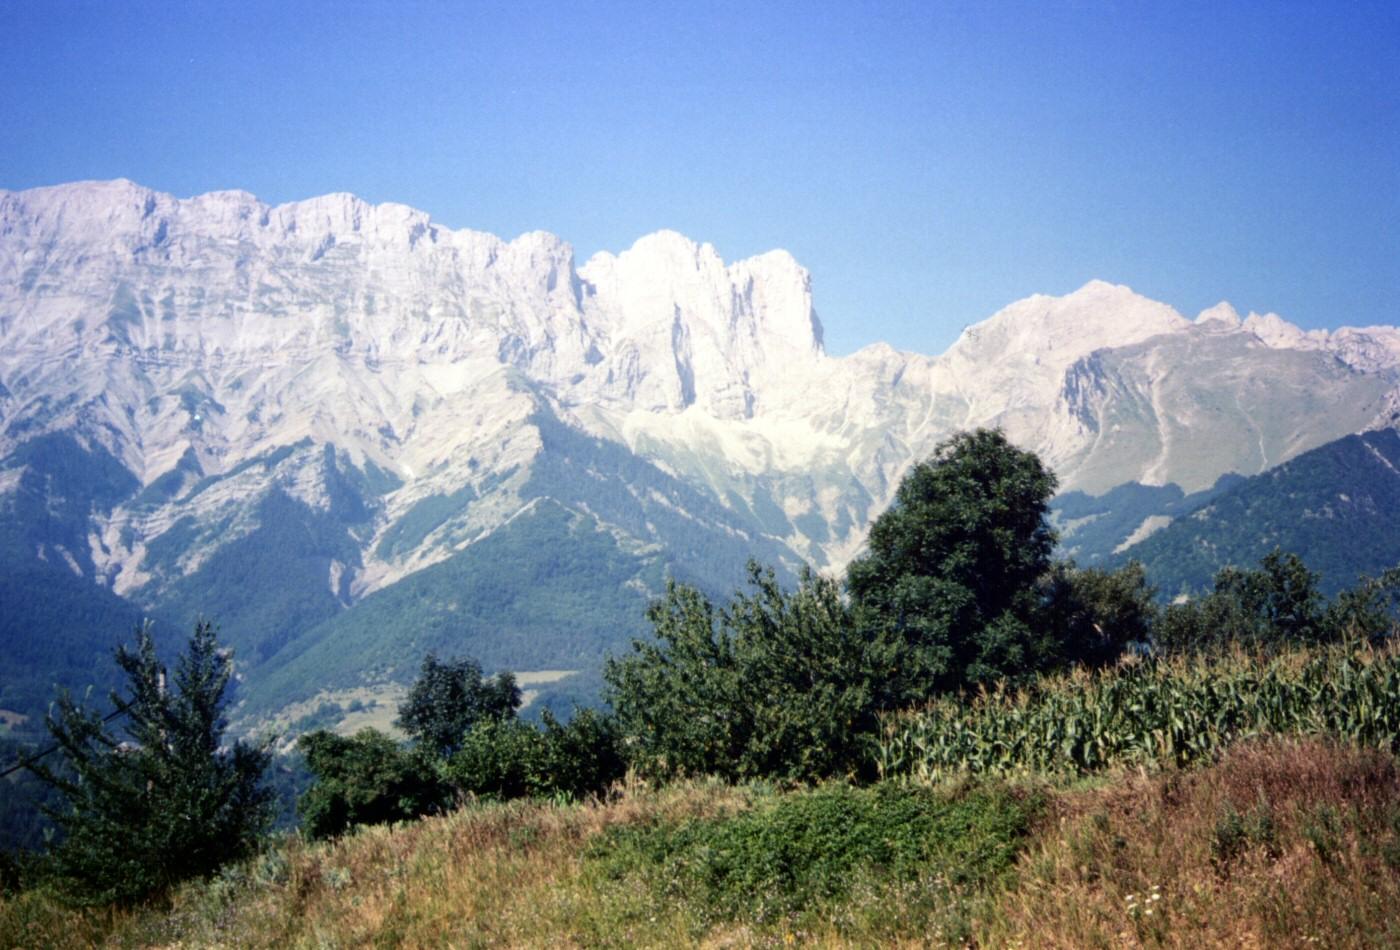 Paysage de montagne (alpes)